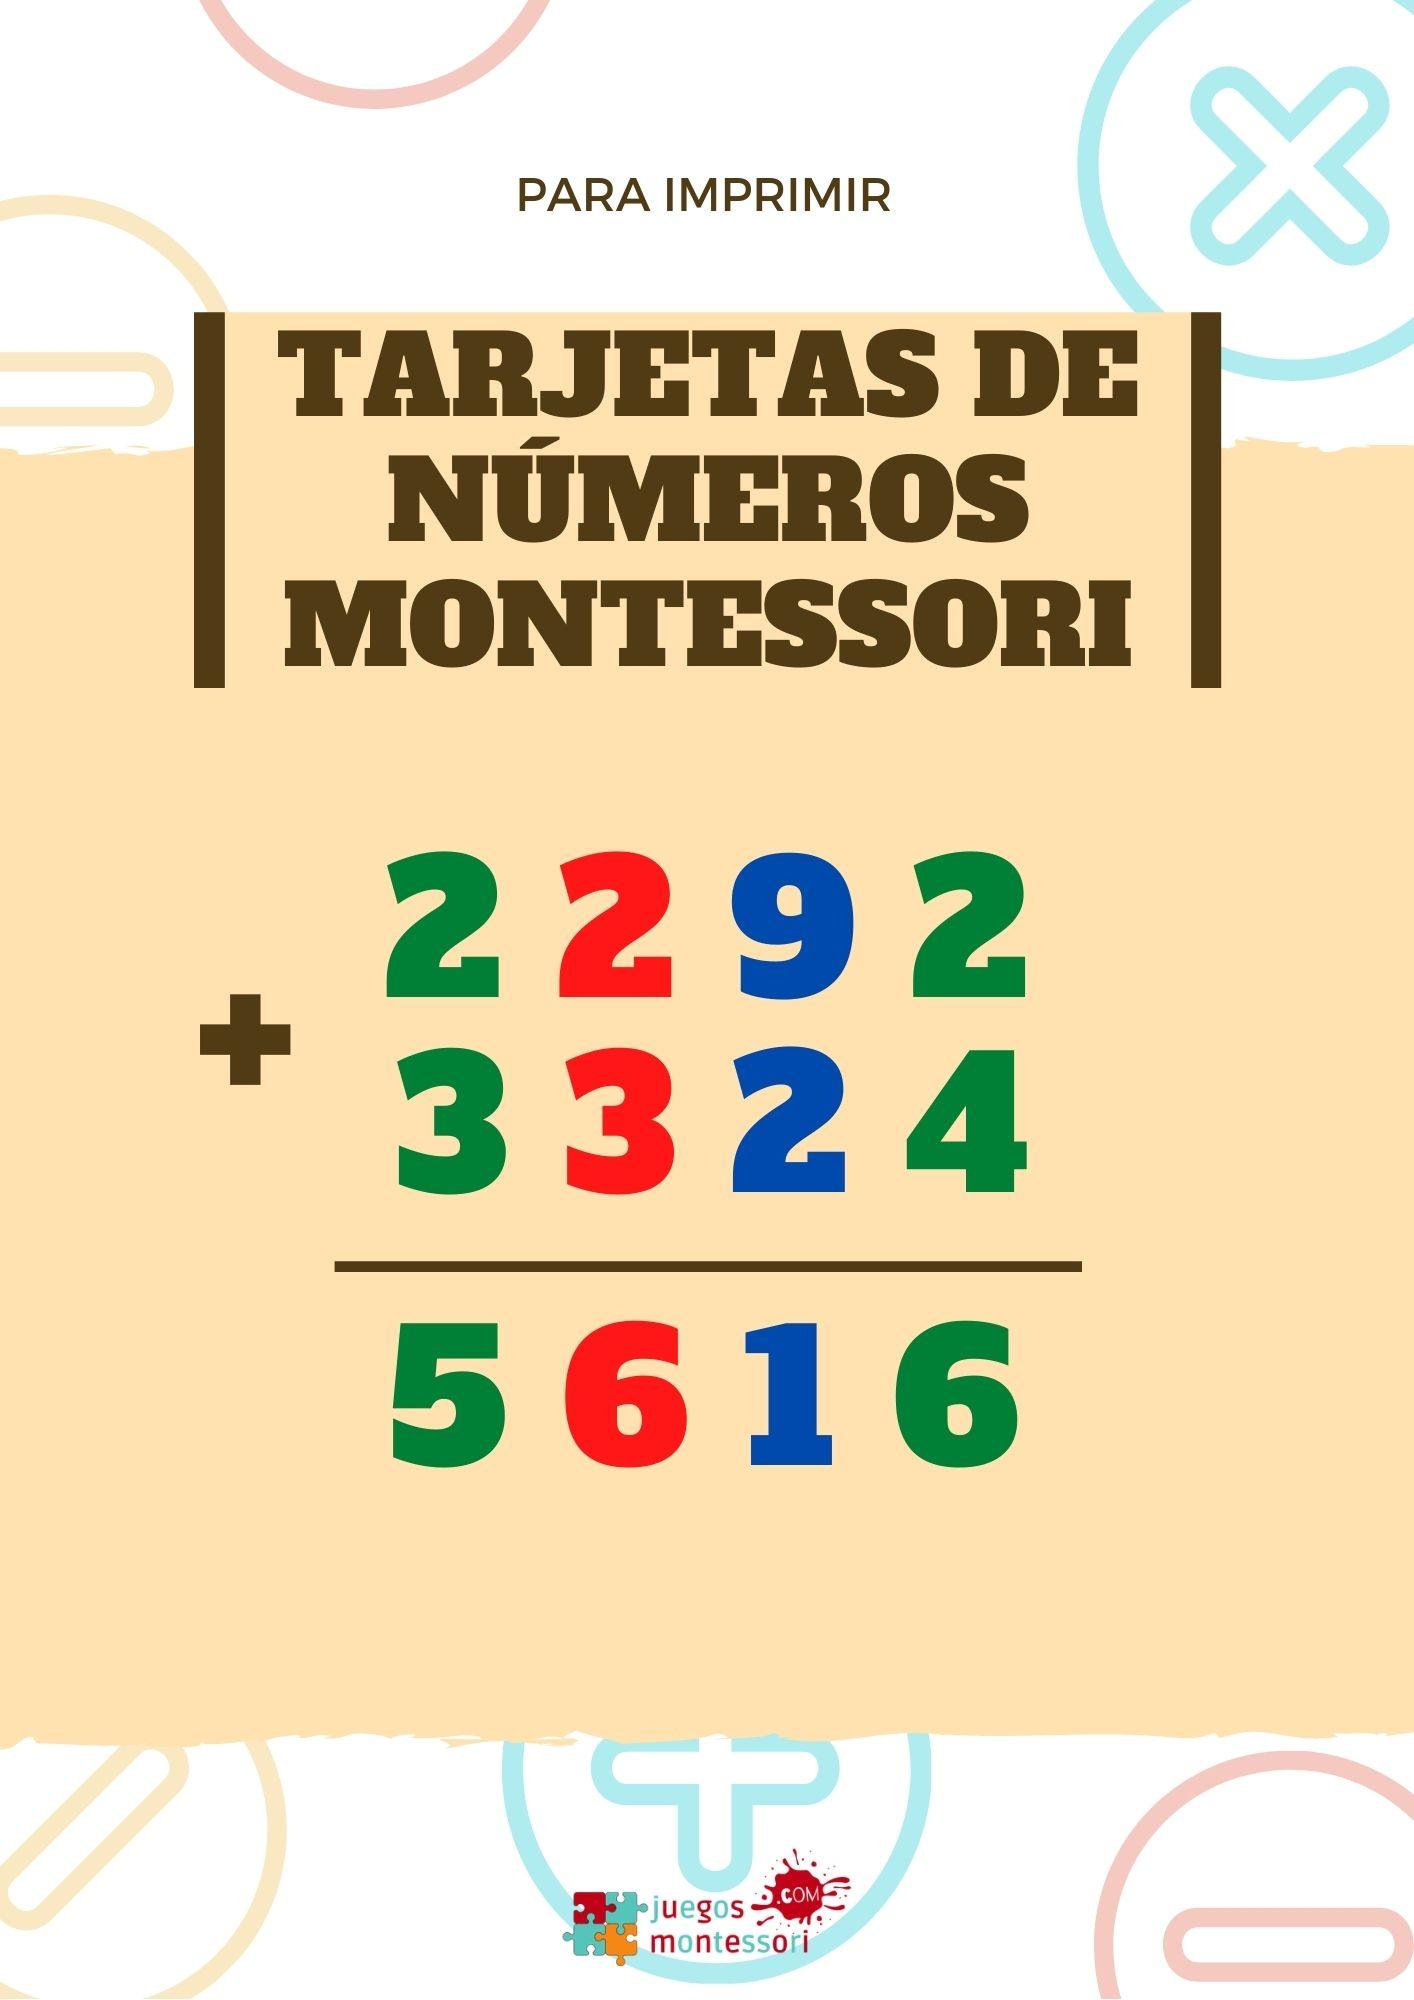 Tarjetas de números Montessori para imprimir | PDF del 1 al 9000